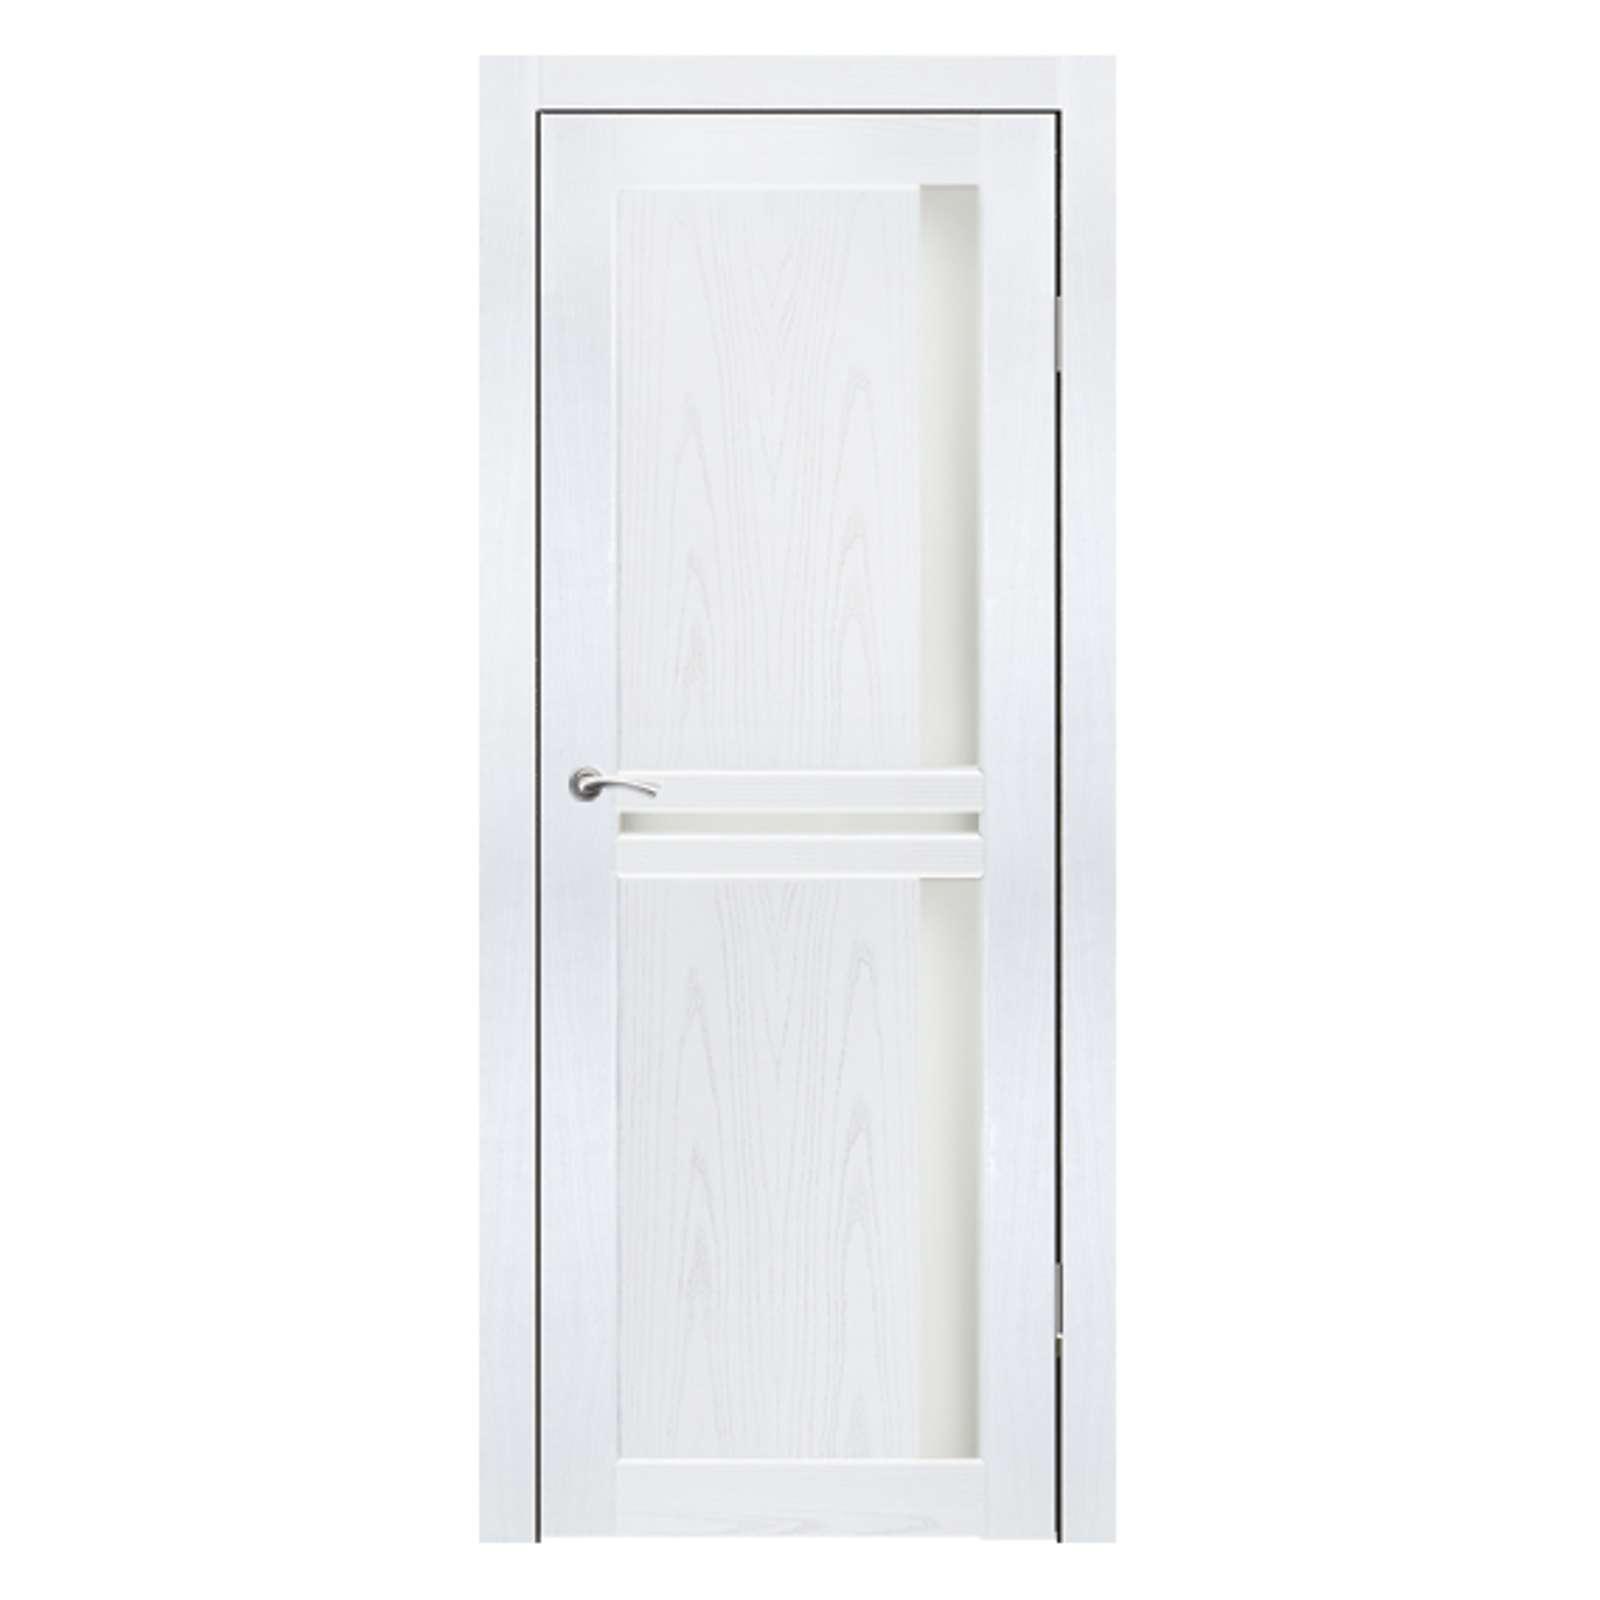 Полотно дверное остекленное Эль Порте СИНЕРЖИ ясень белый ПВХ, ПДО 900х2000мм